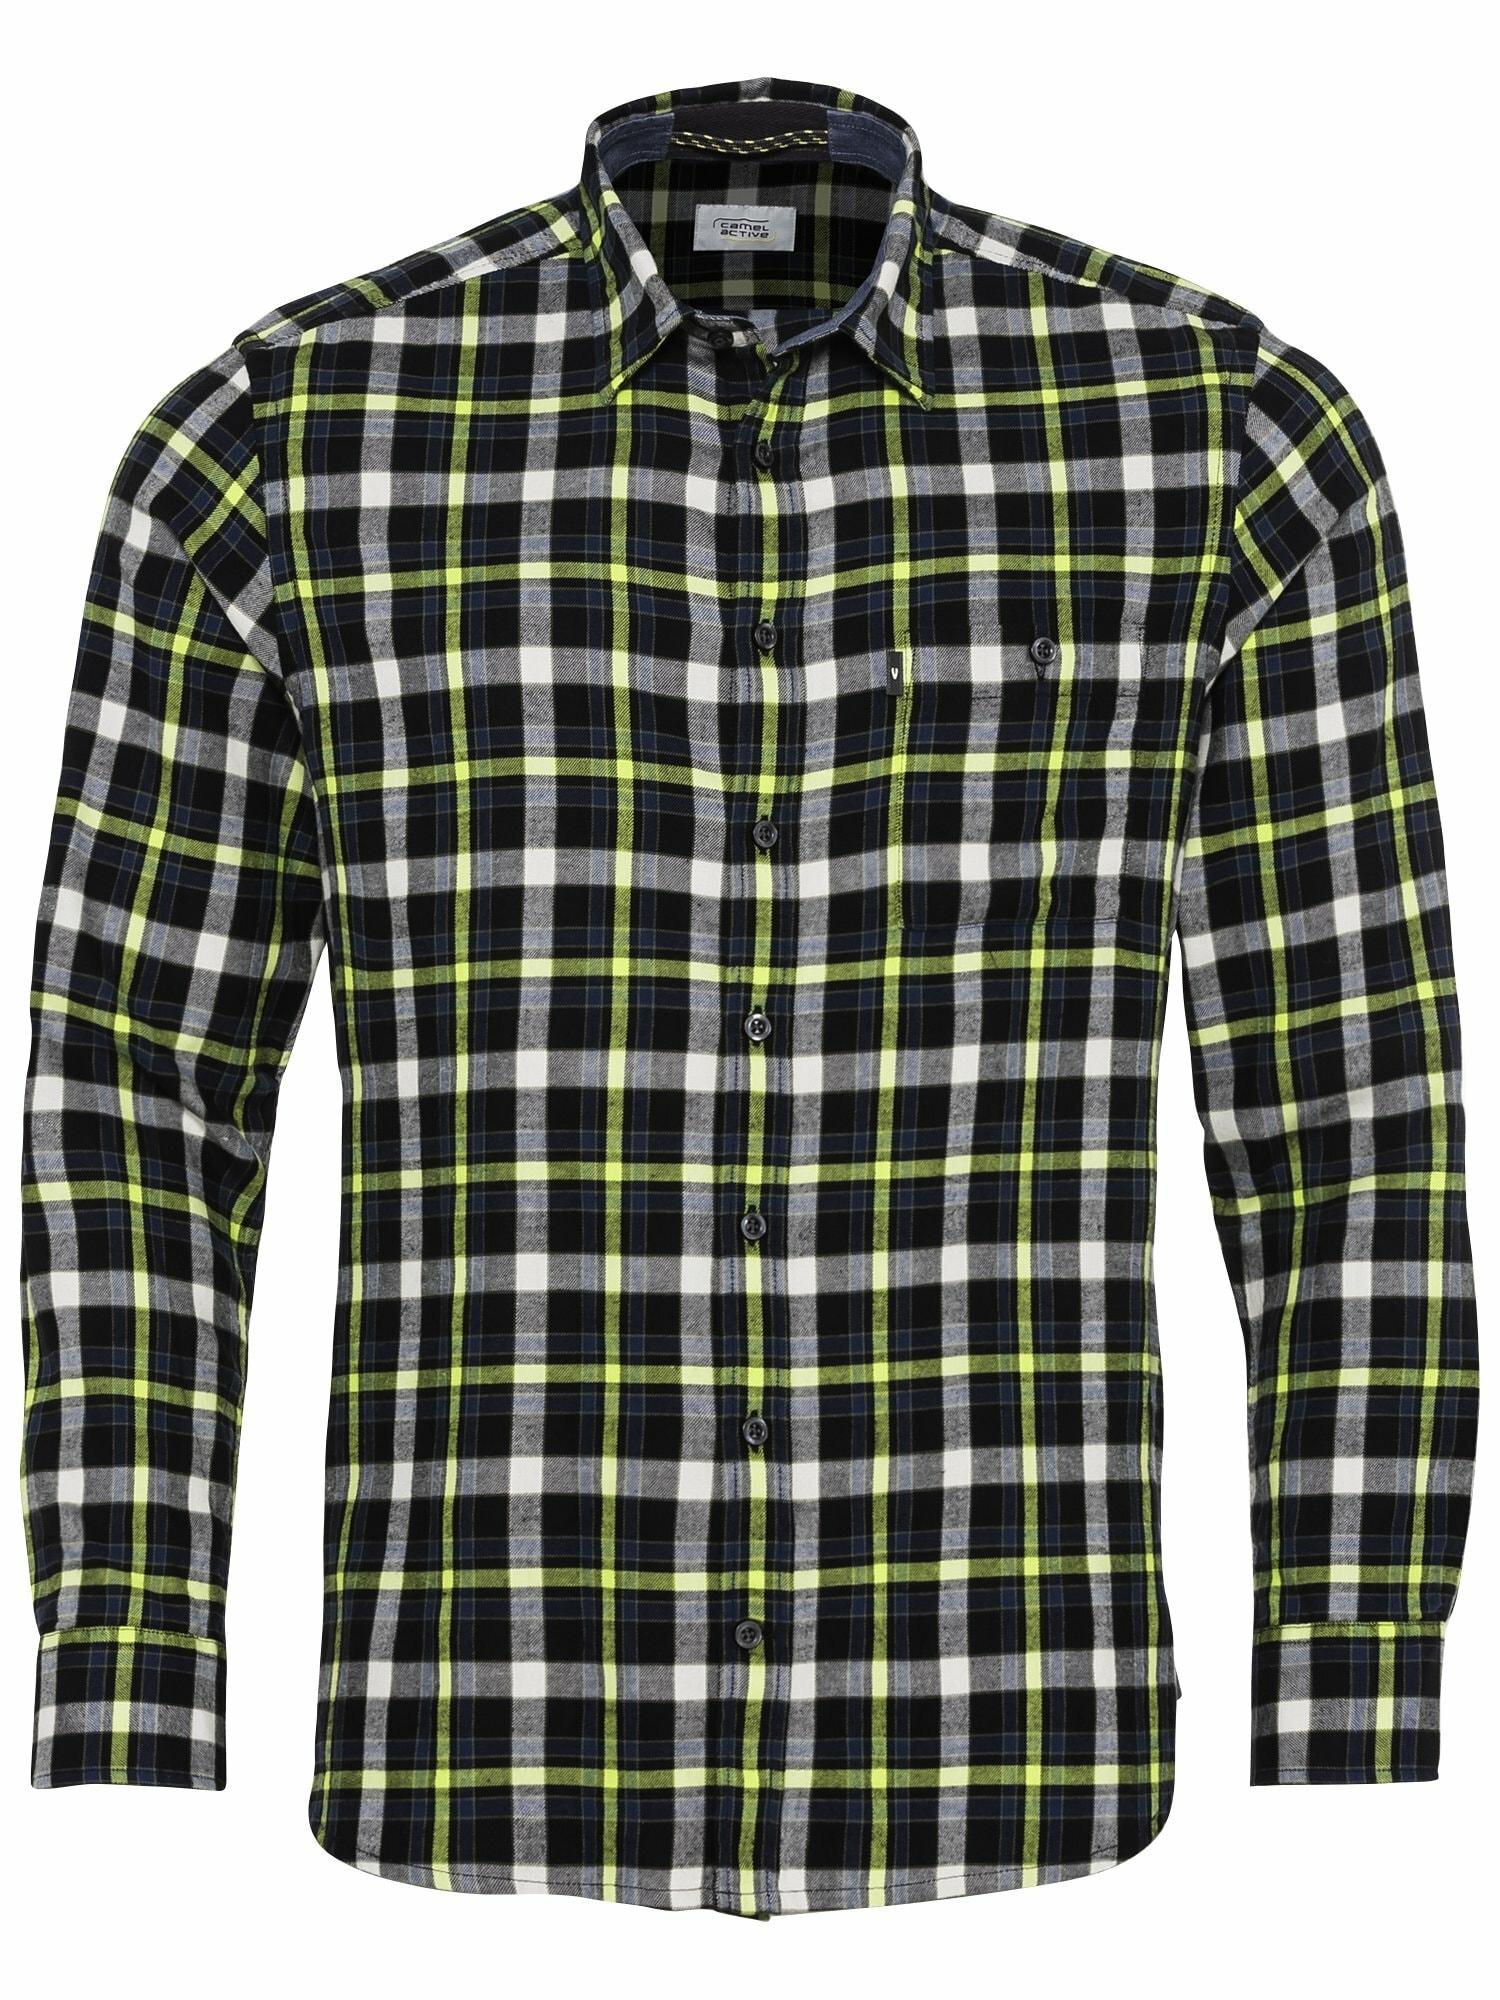 CAMEL ACTIVE Marškiniai mišrios spalvos